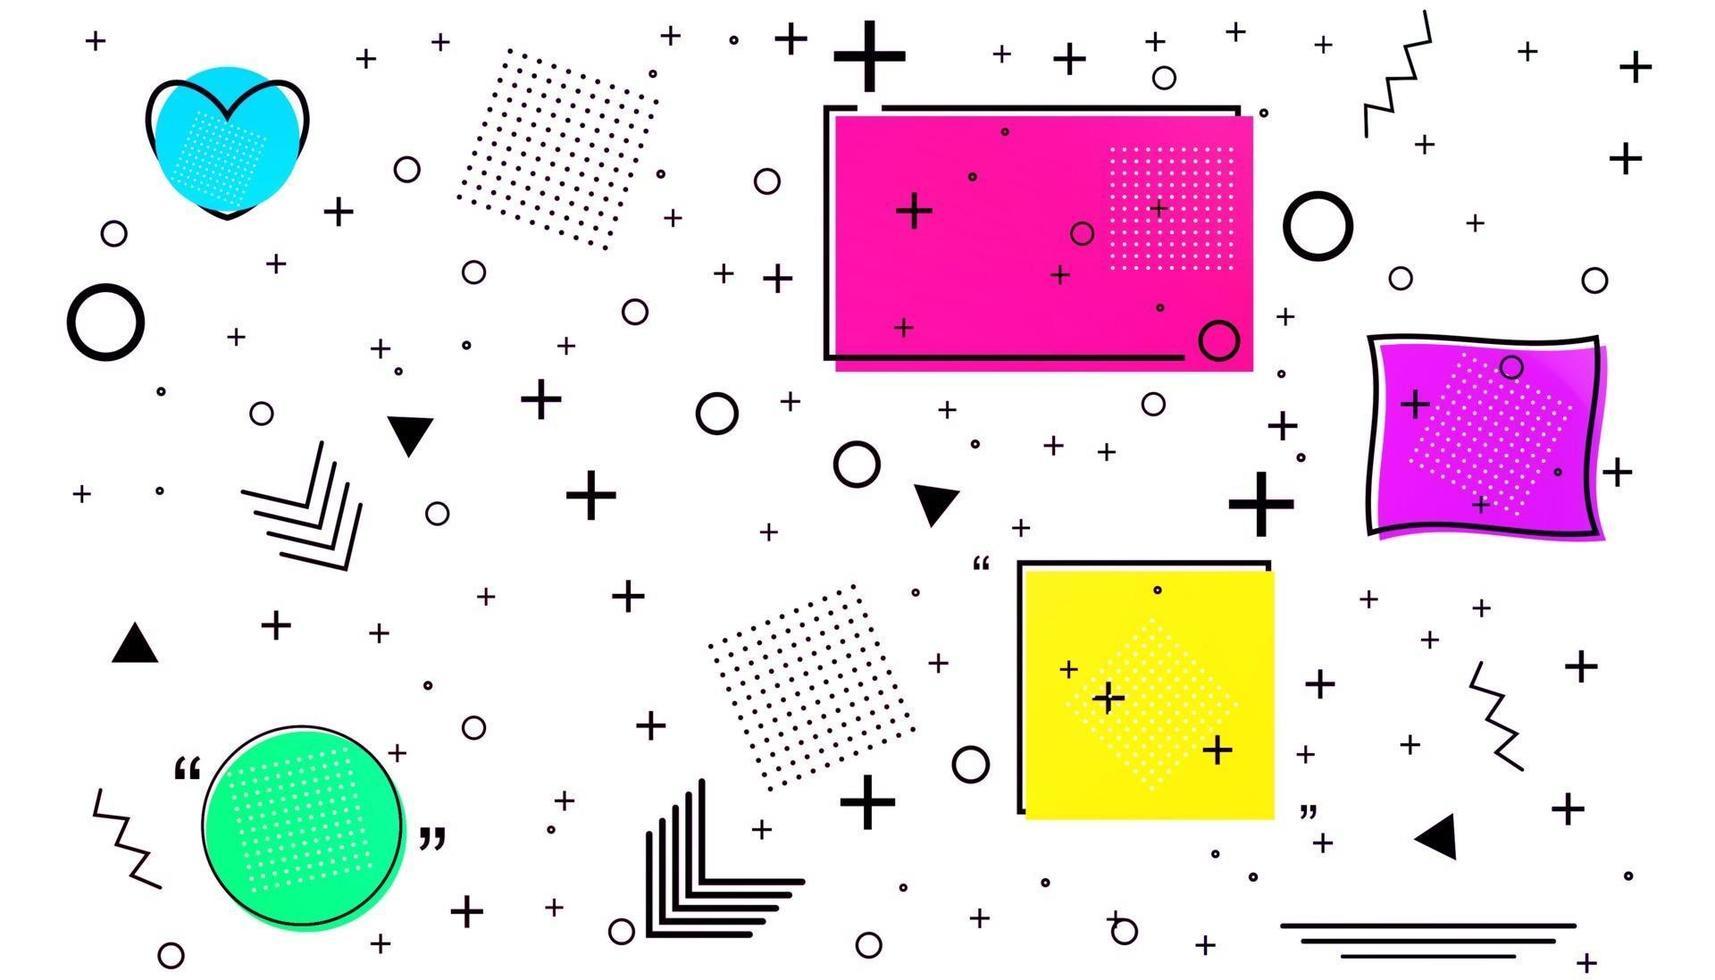 memphis-kort med geometriska former. lyxig modedesign, 80 och 90-talet. vektor